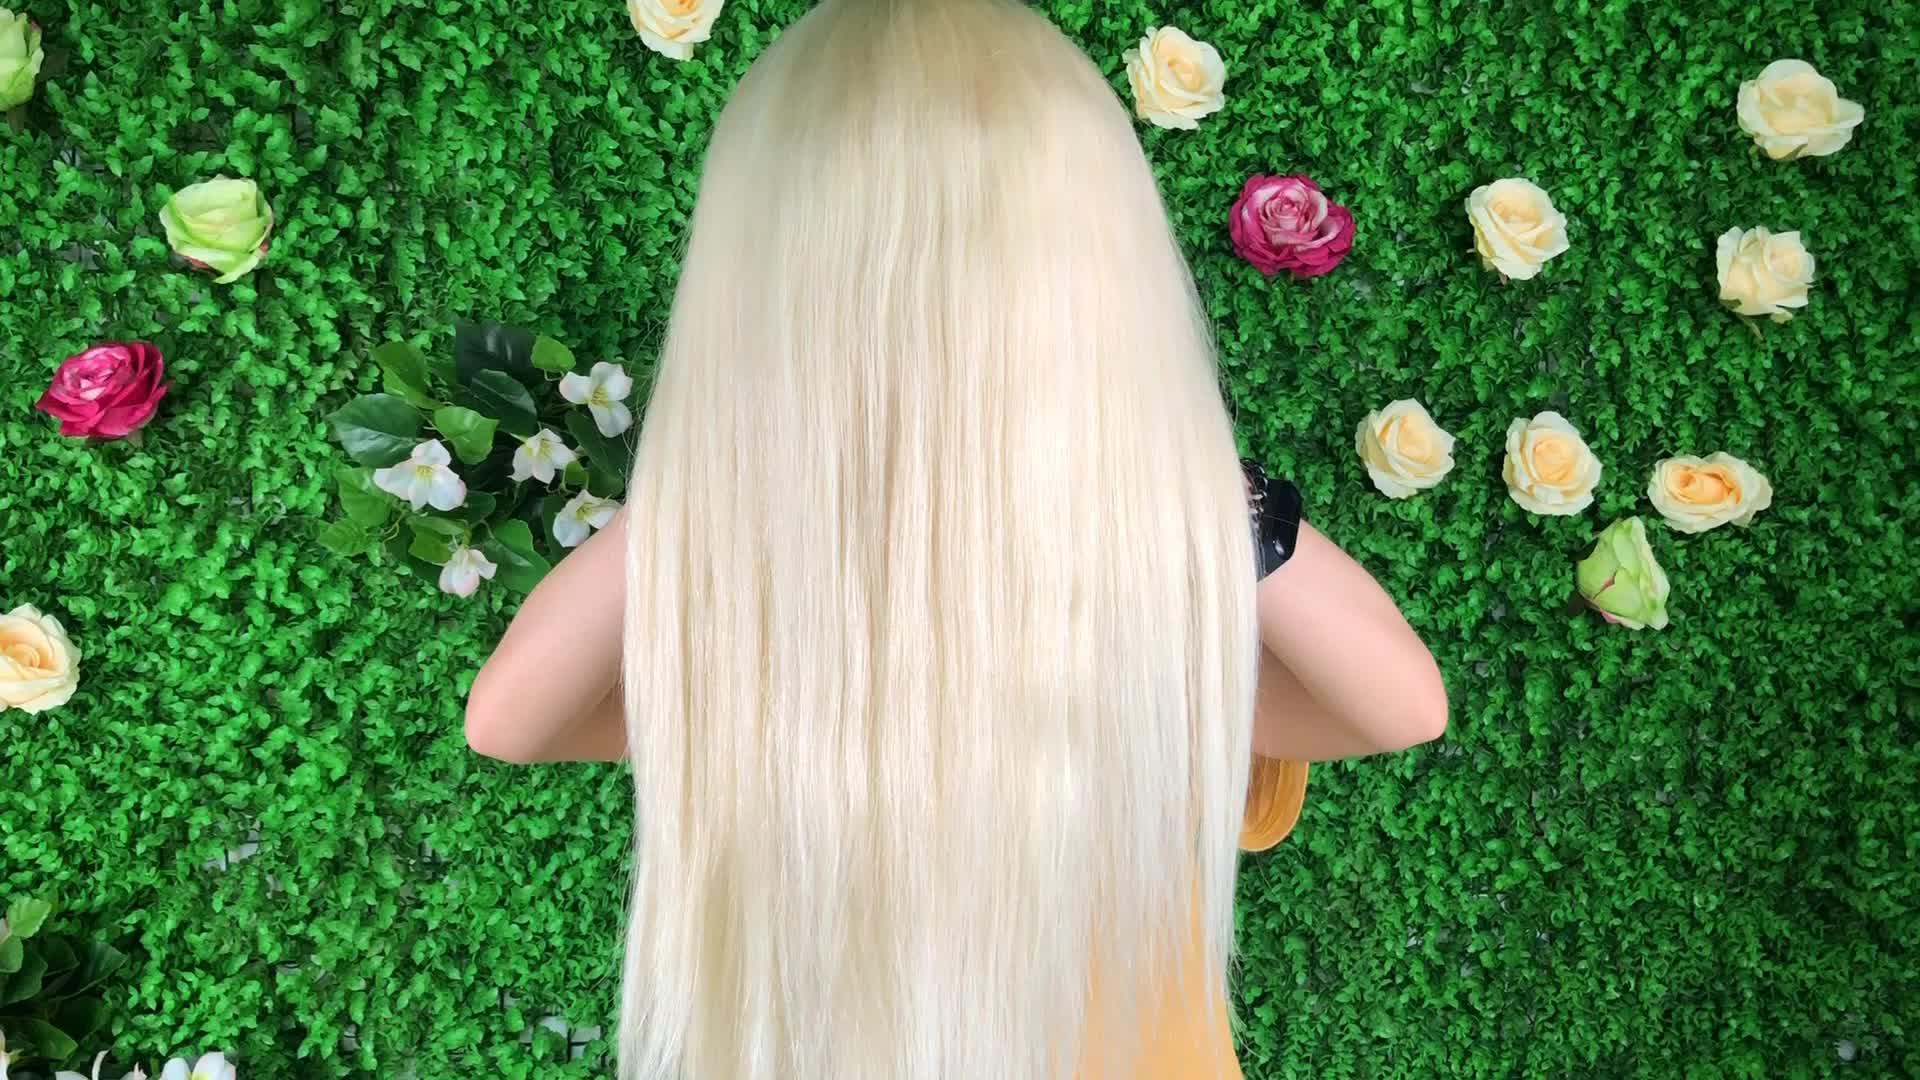 En gros 150 Densité Platine Blond Miel 613 Pleine Dentelle Perruque De Cheveux Humains, Vierge Blonde Droite 613 Perruque, brésilien Cendres Blonde Perruque